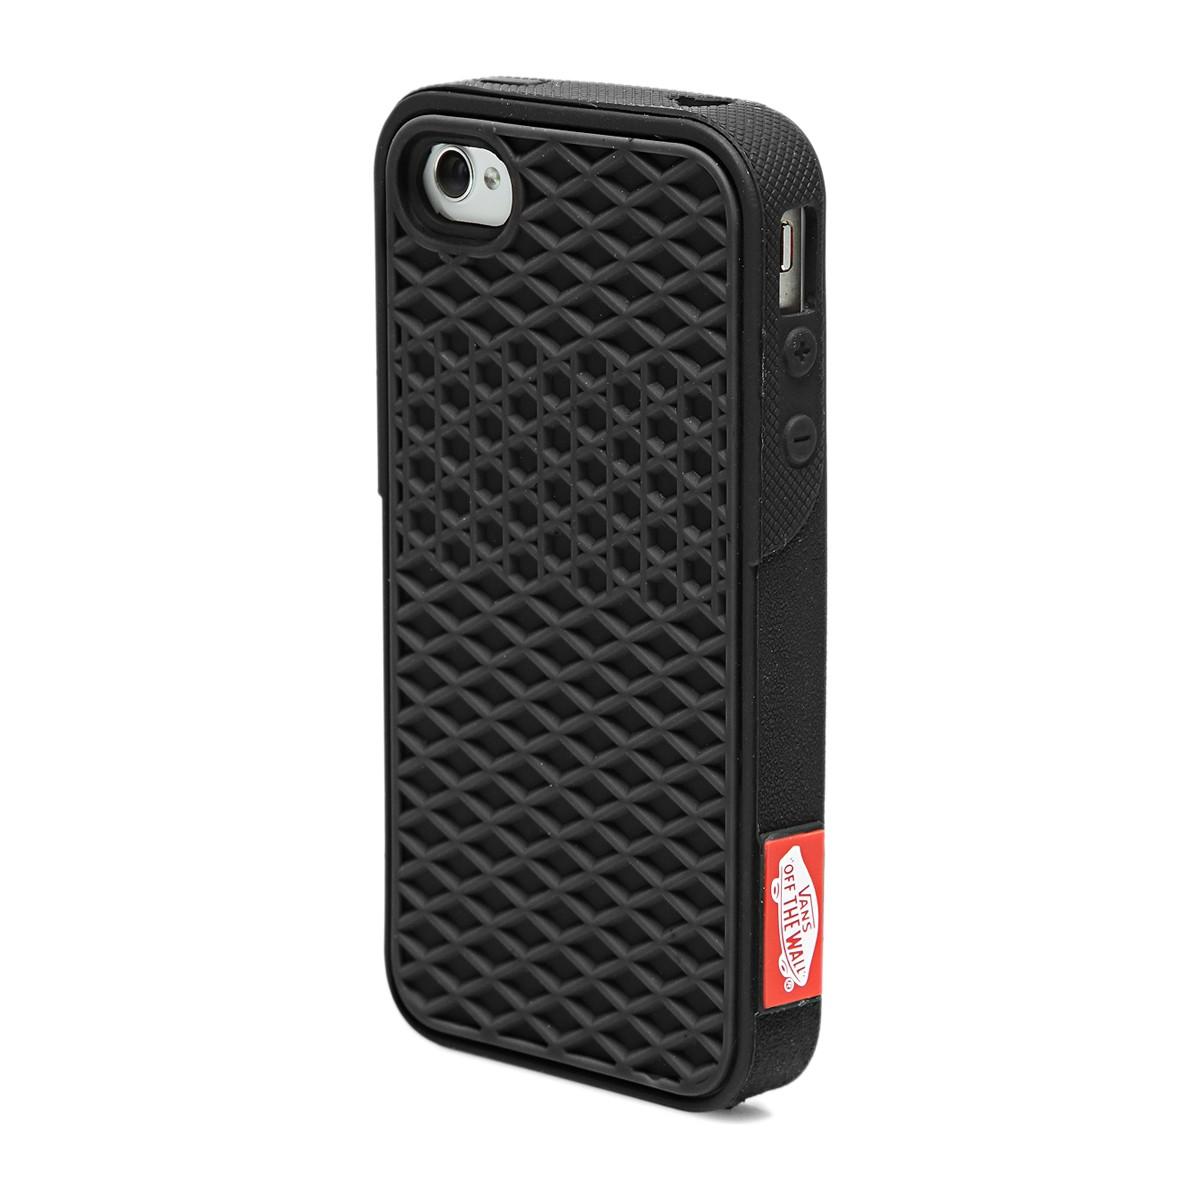 Vans Case til iPhone 4 / 4S - Sort